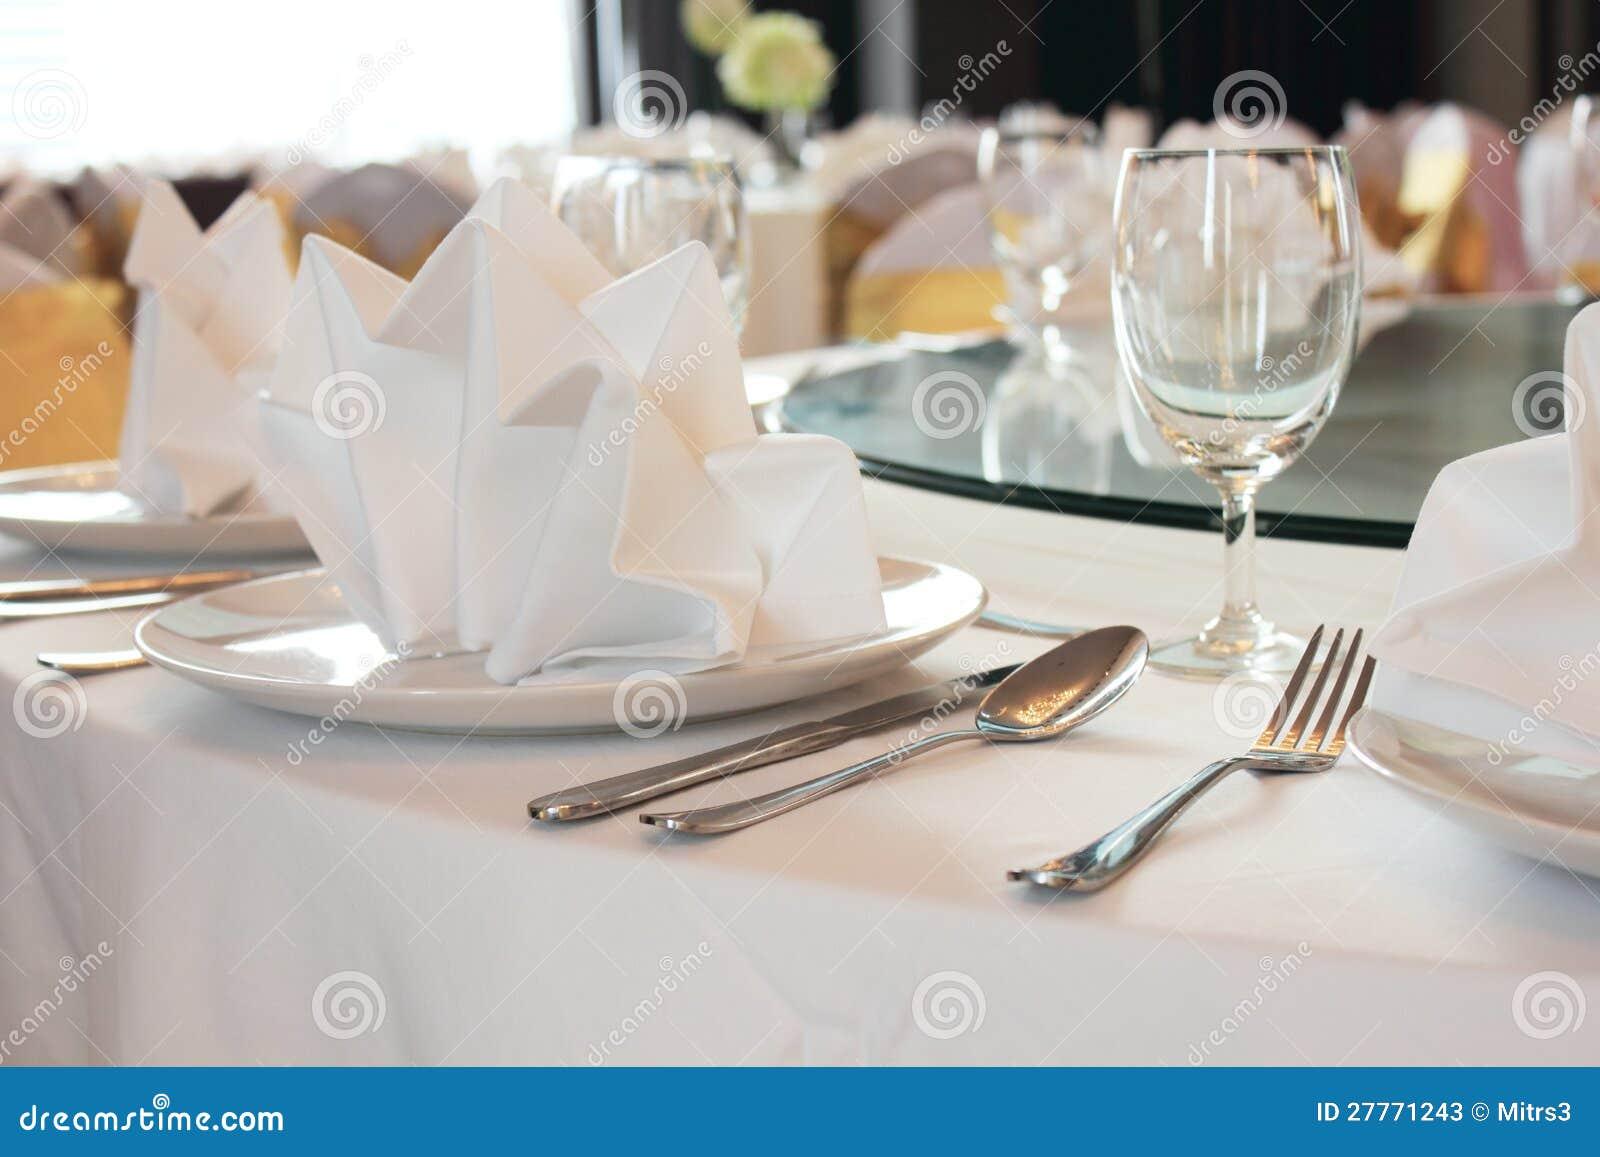 Mettez la table de salle à manger